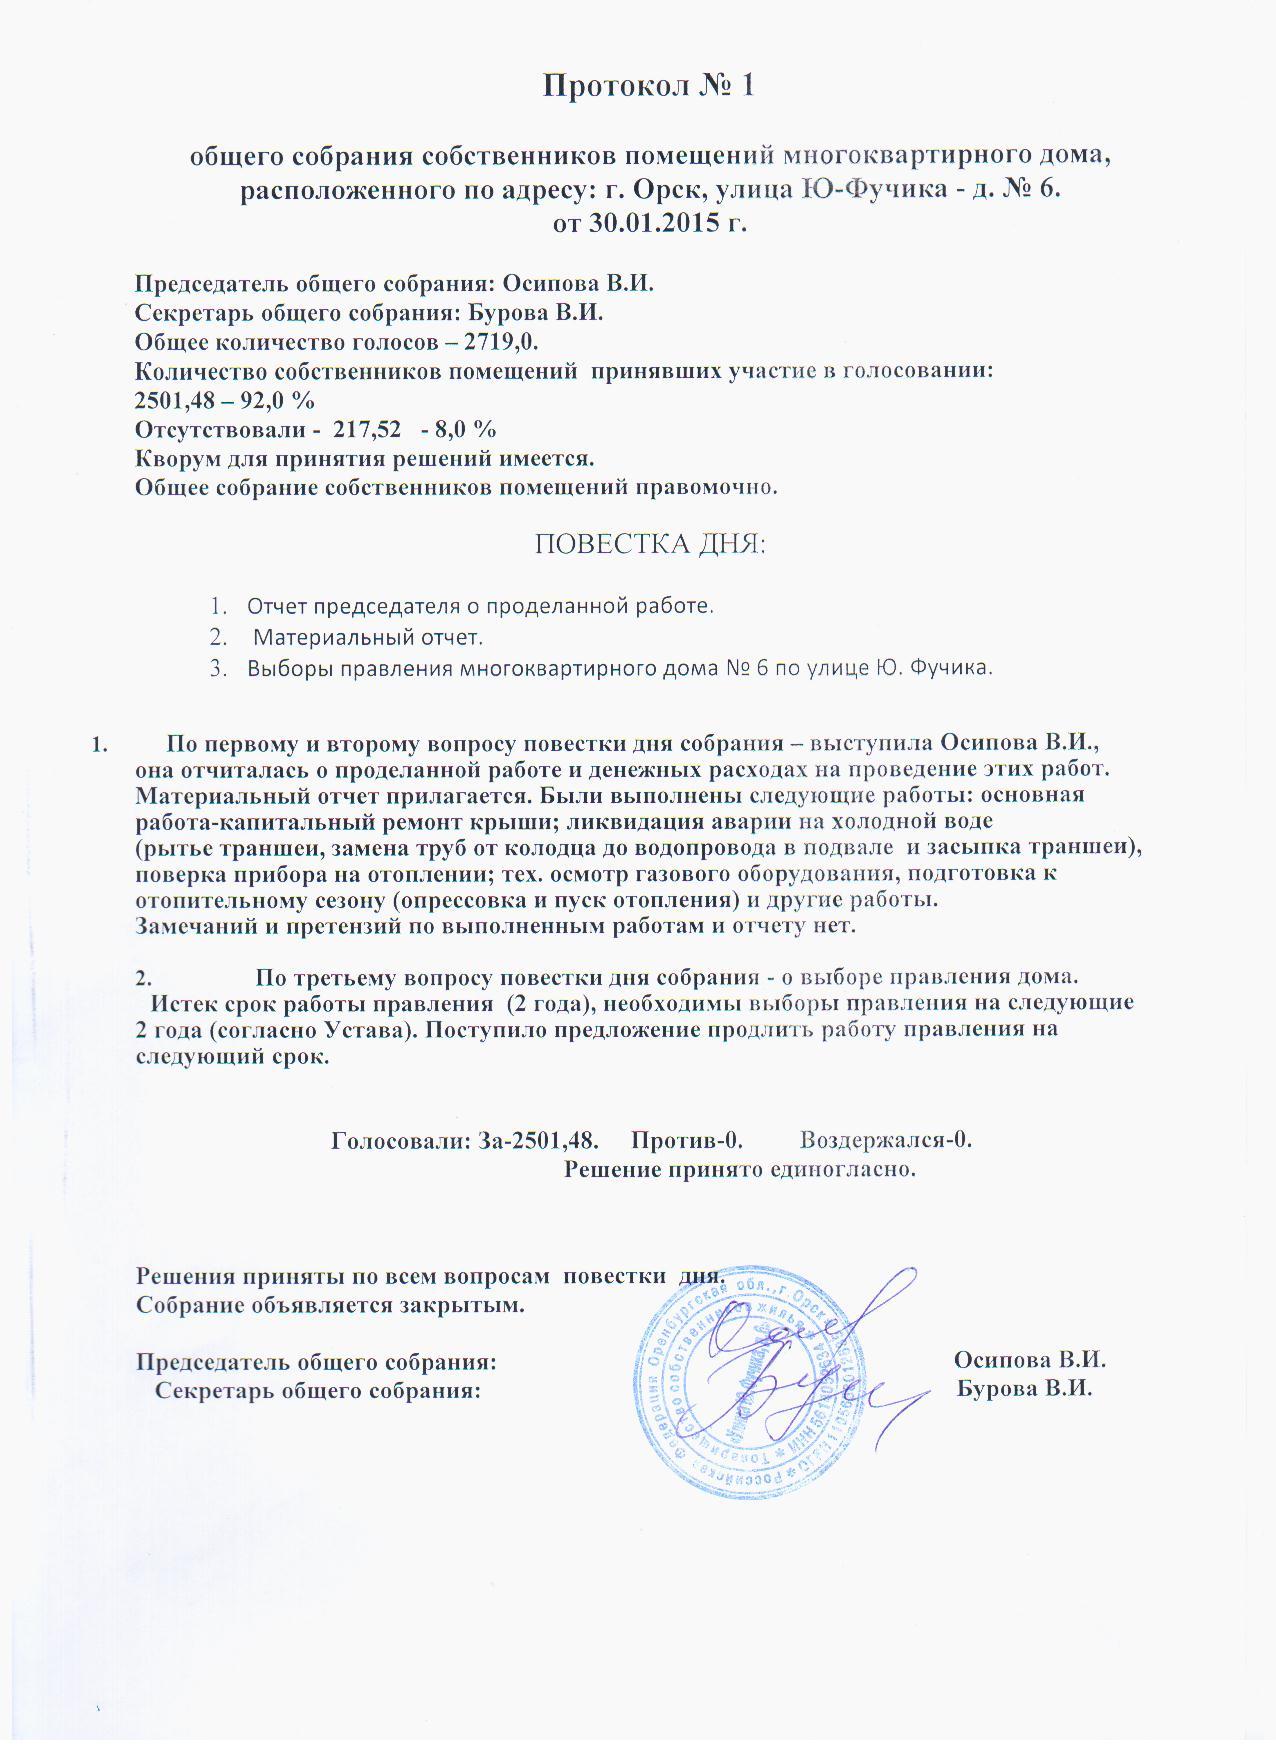 Протокол заседания или собрания, его содержание и образец 32